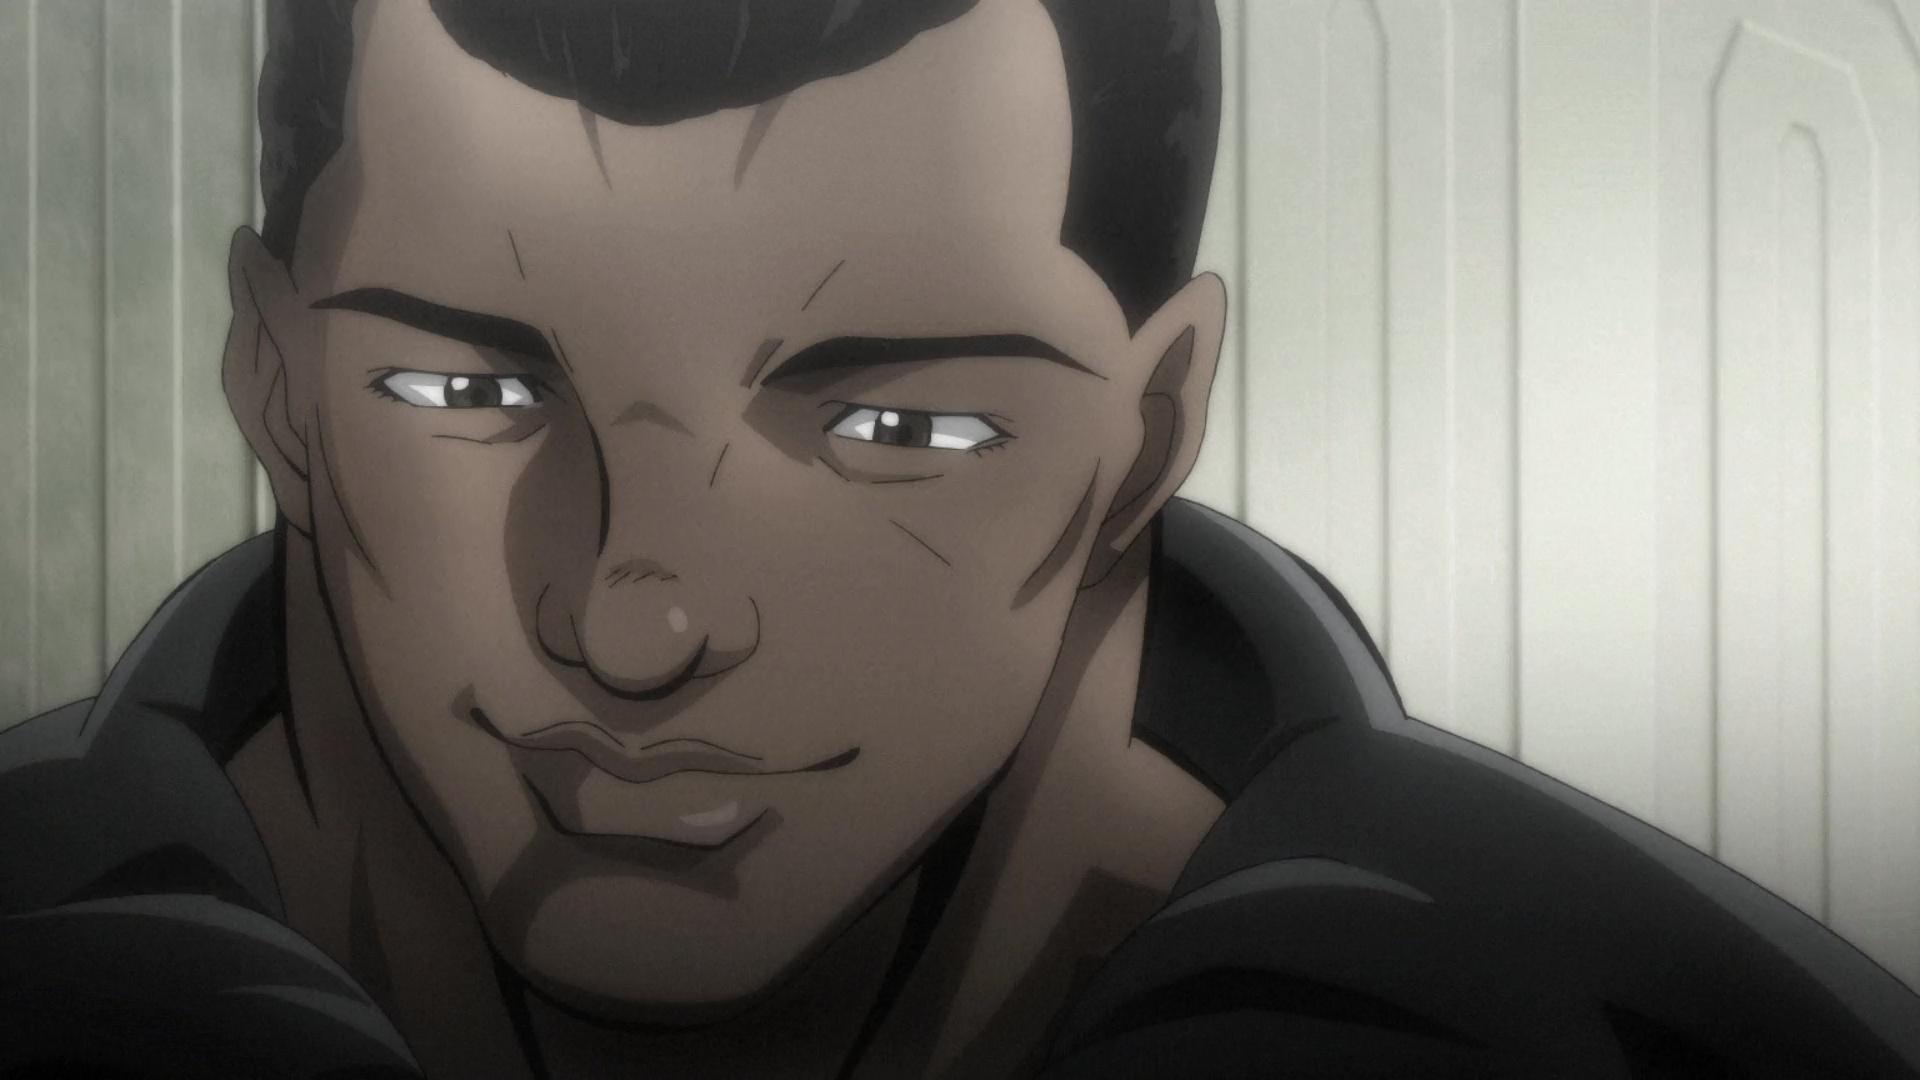 TVアニメ『バキ』第25話「神と鬼」感想・作品情報 [ネタバレあり]